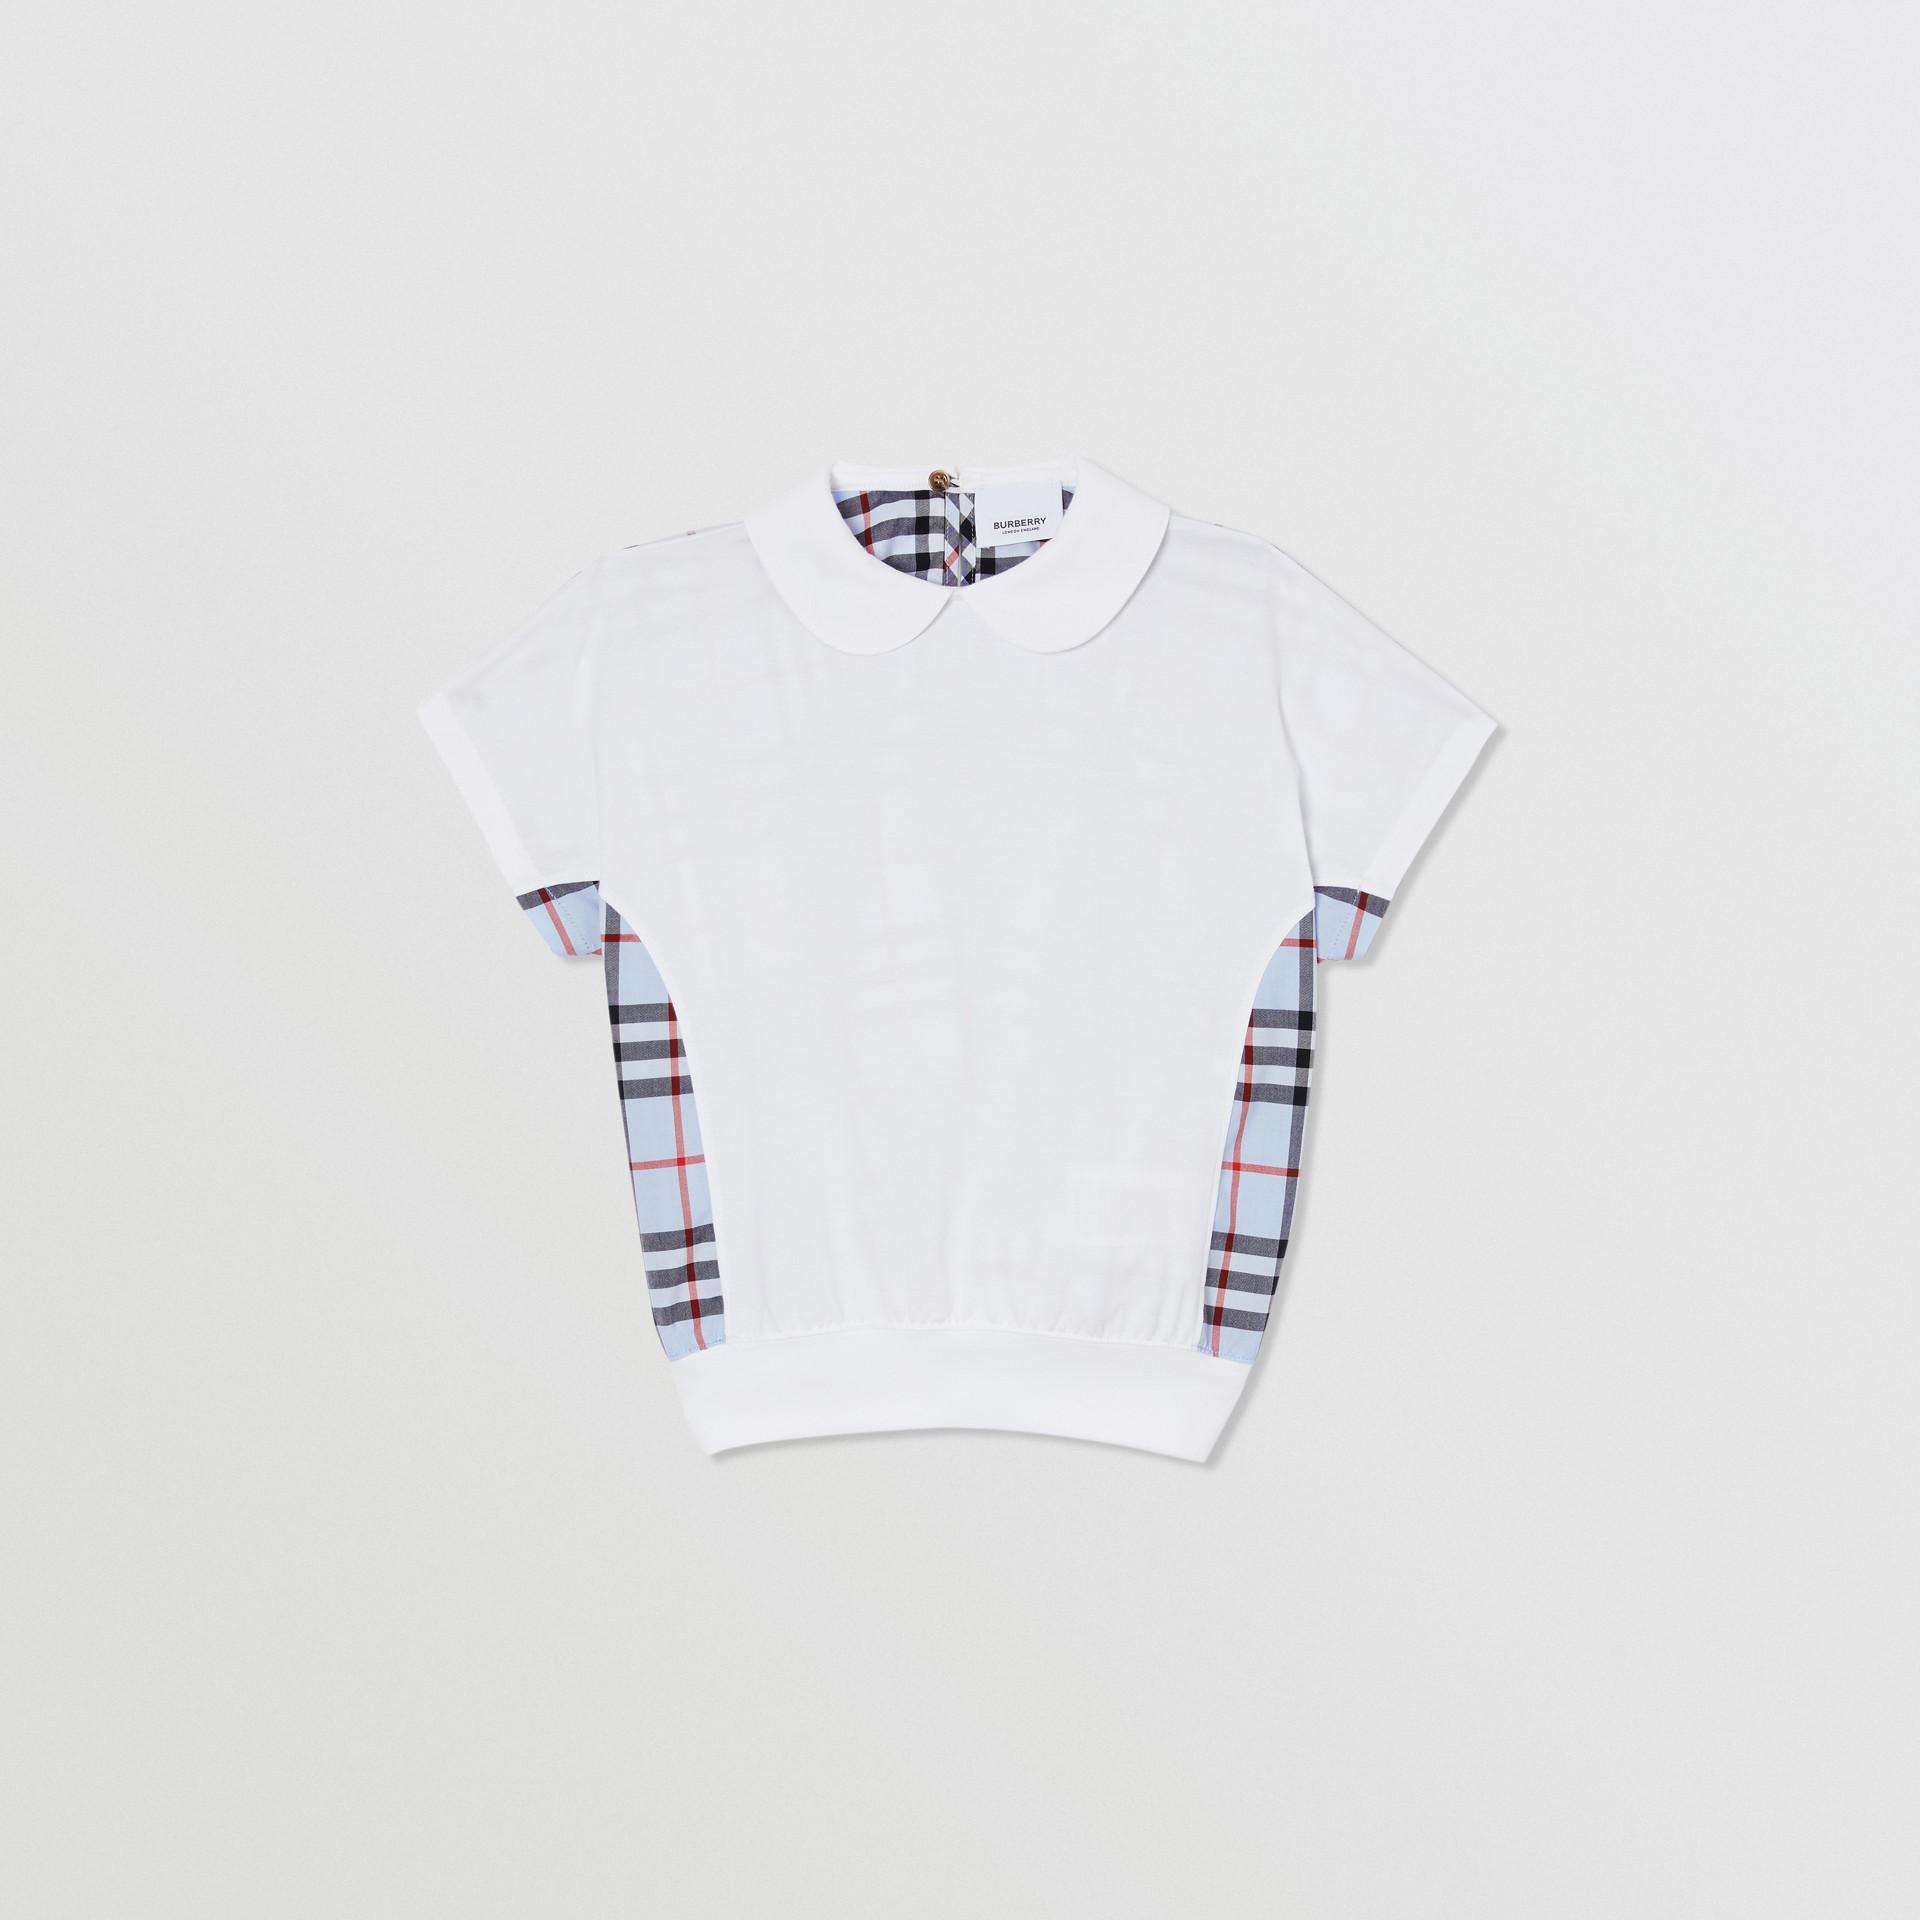 Blusa de algodão com recorte xadrez (Branco) | Burberry - galeria de imagens 0